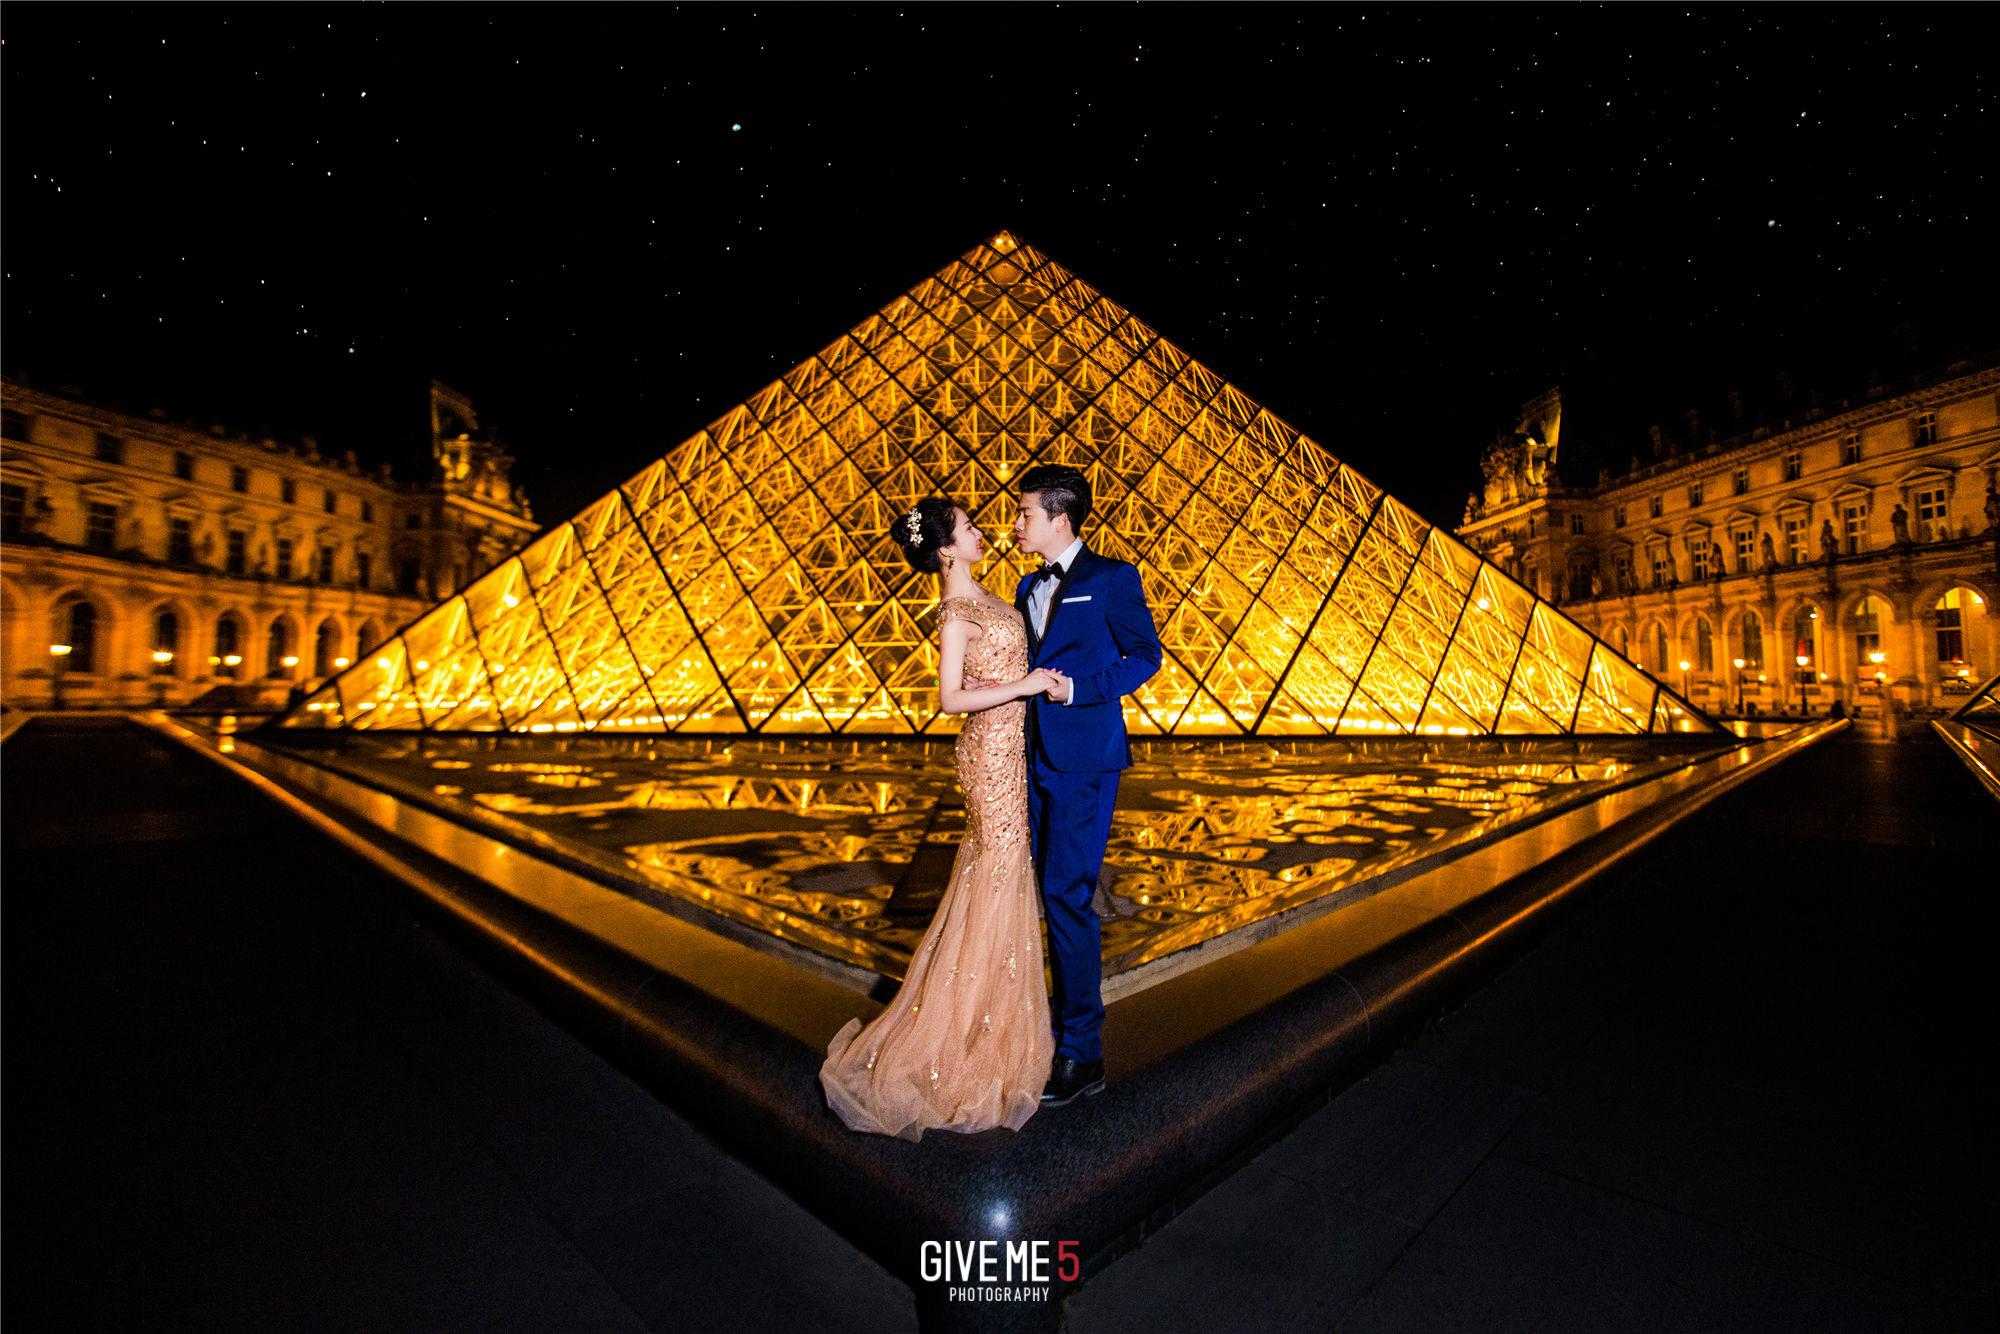 婚纱摄影集锦